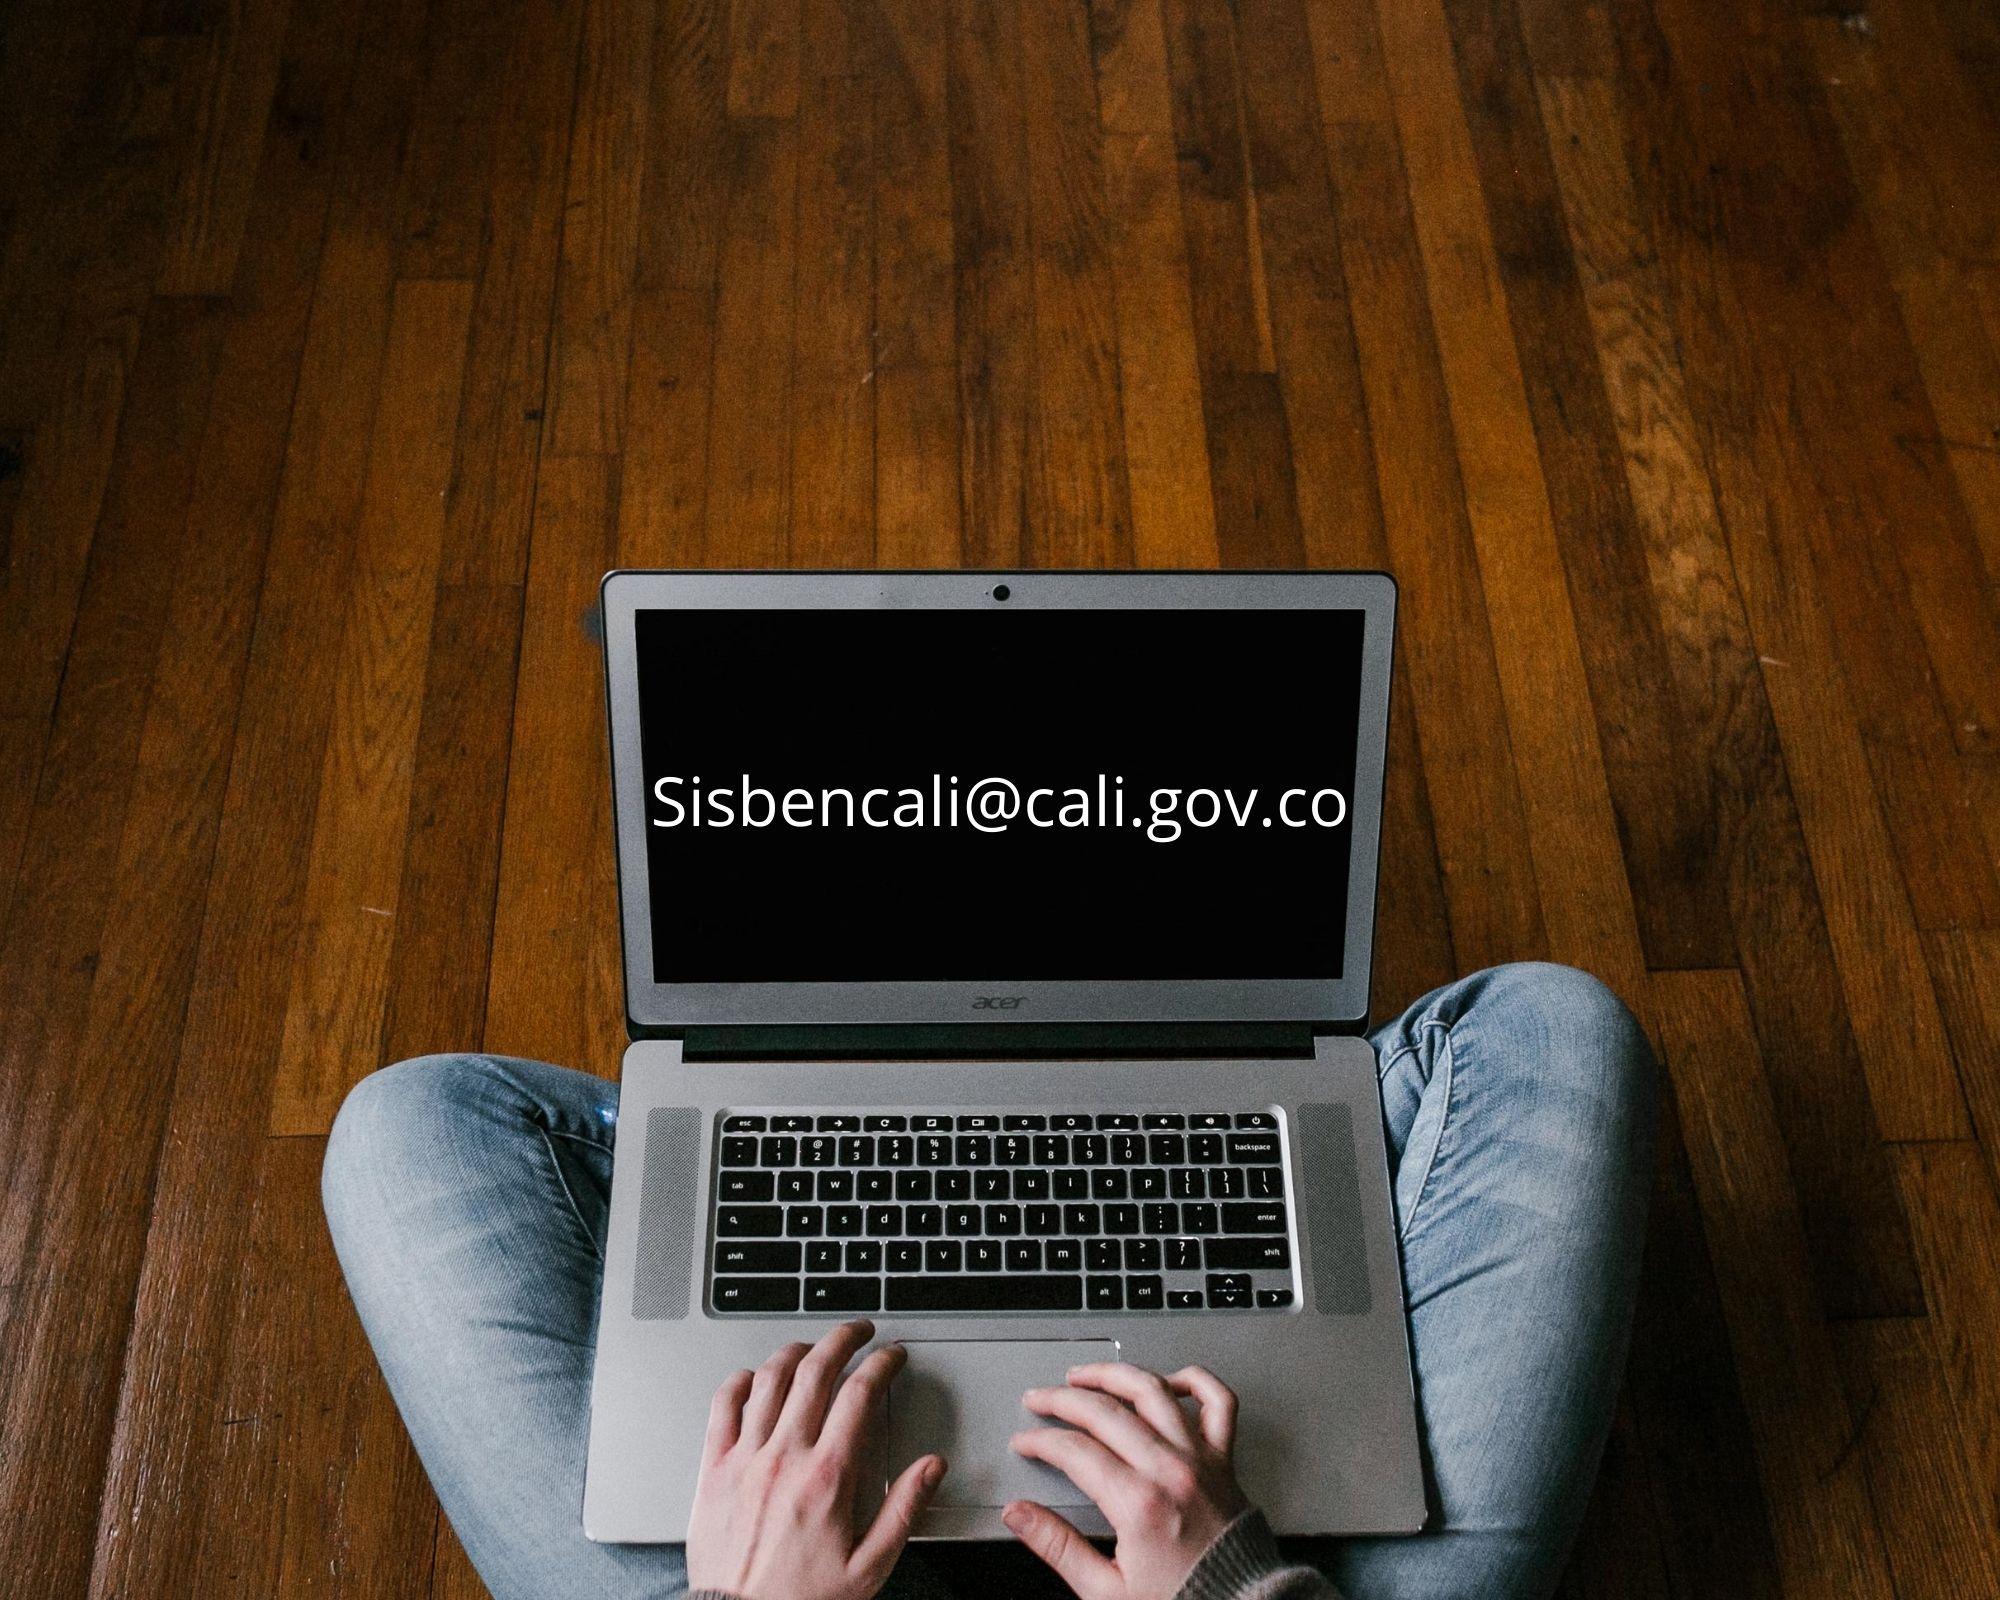 Trámites de Sisbén solo de forma virtual hasta nuevo aviso